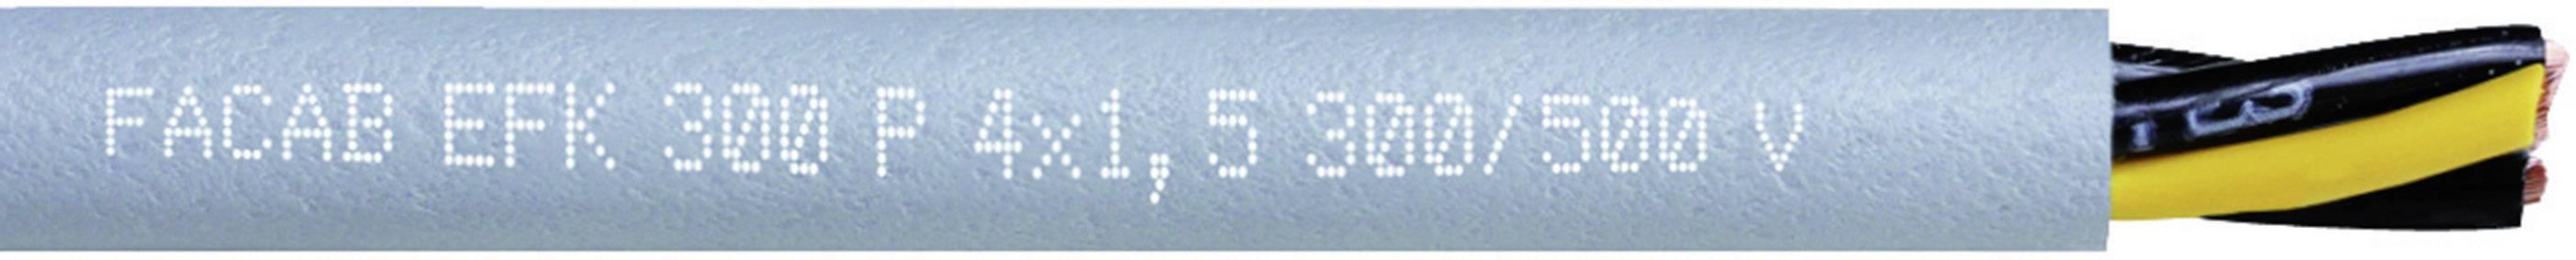 Tažný kabel Faber Kabel EFK 300 P AD300 - SCHLEPPLTG. TPE/PUR (031024), 12x 0,5 mm², polyurethan, Ø 9 mm, nest